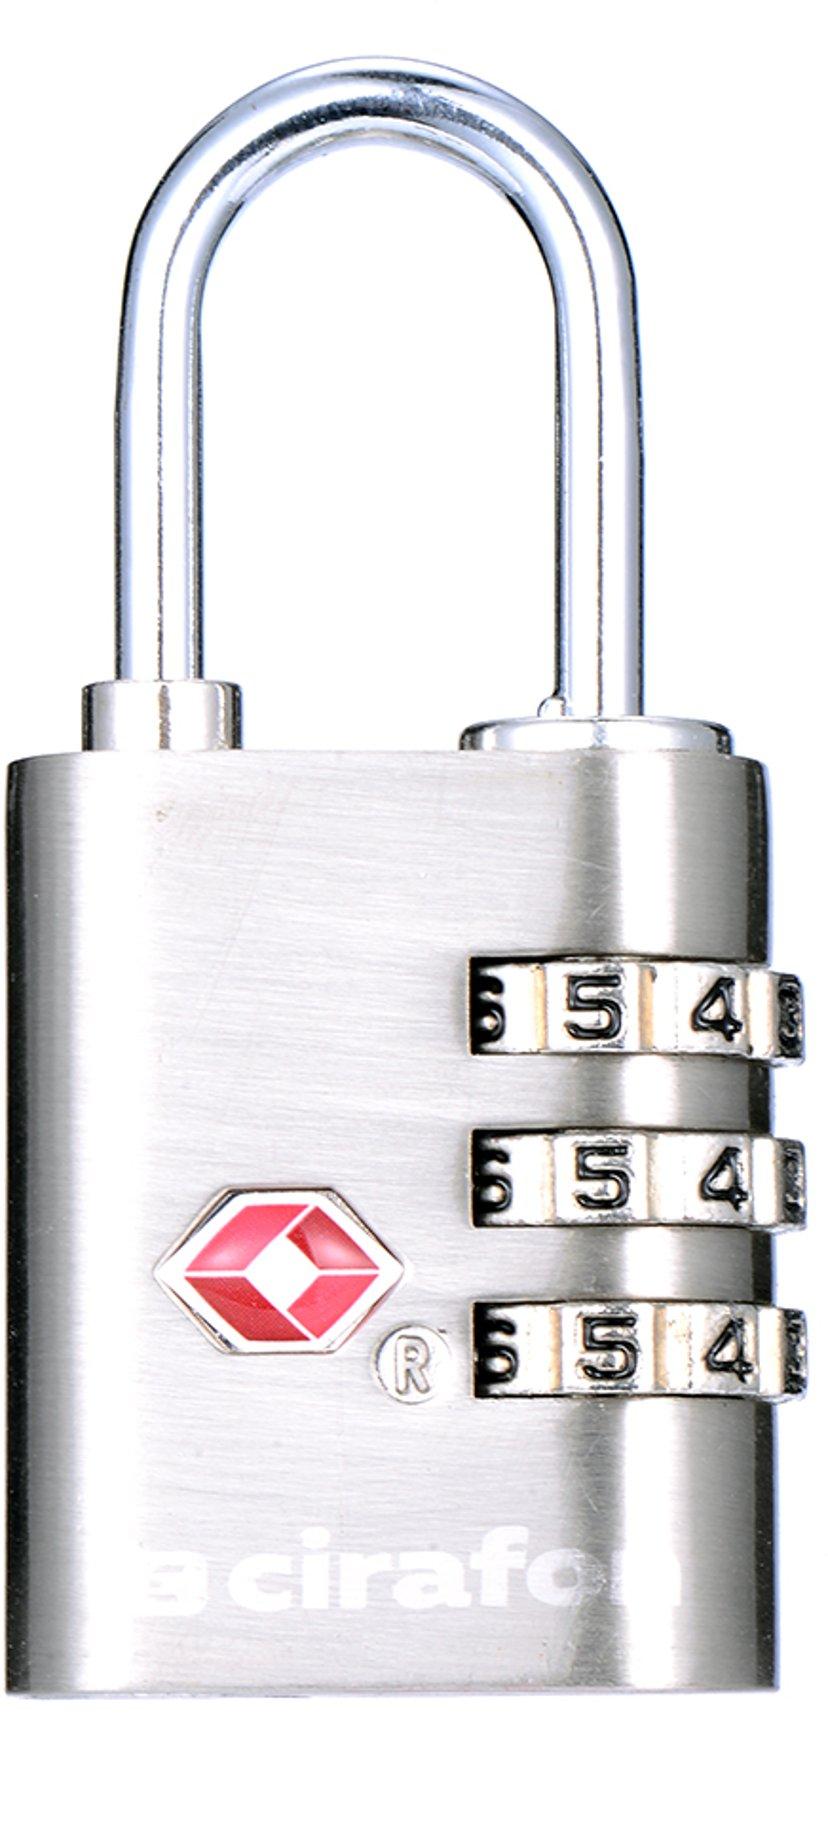 Cirafon Tresiffrigt TSA-Lås metall